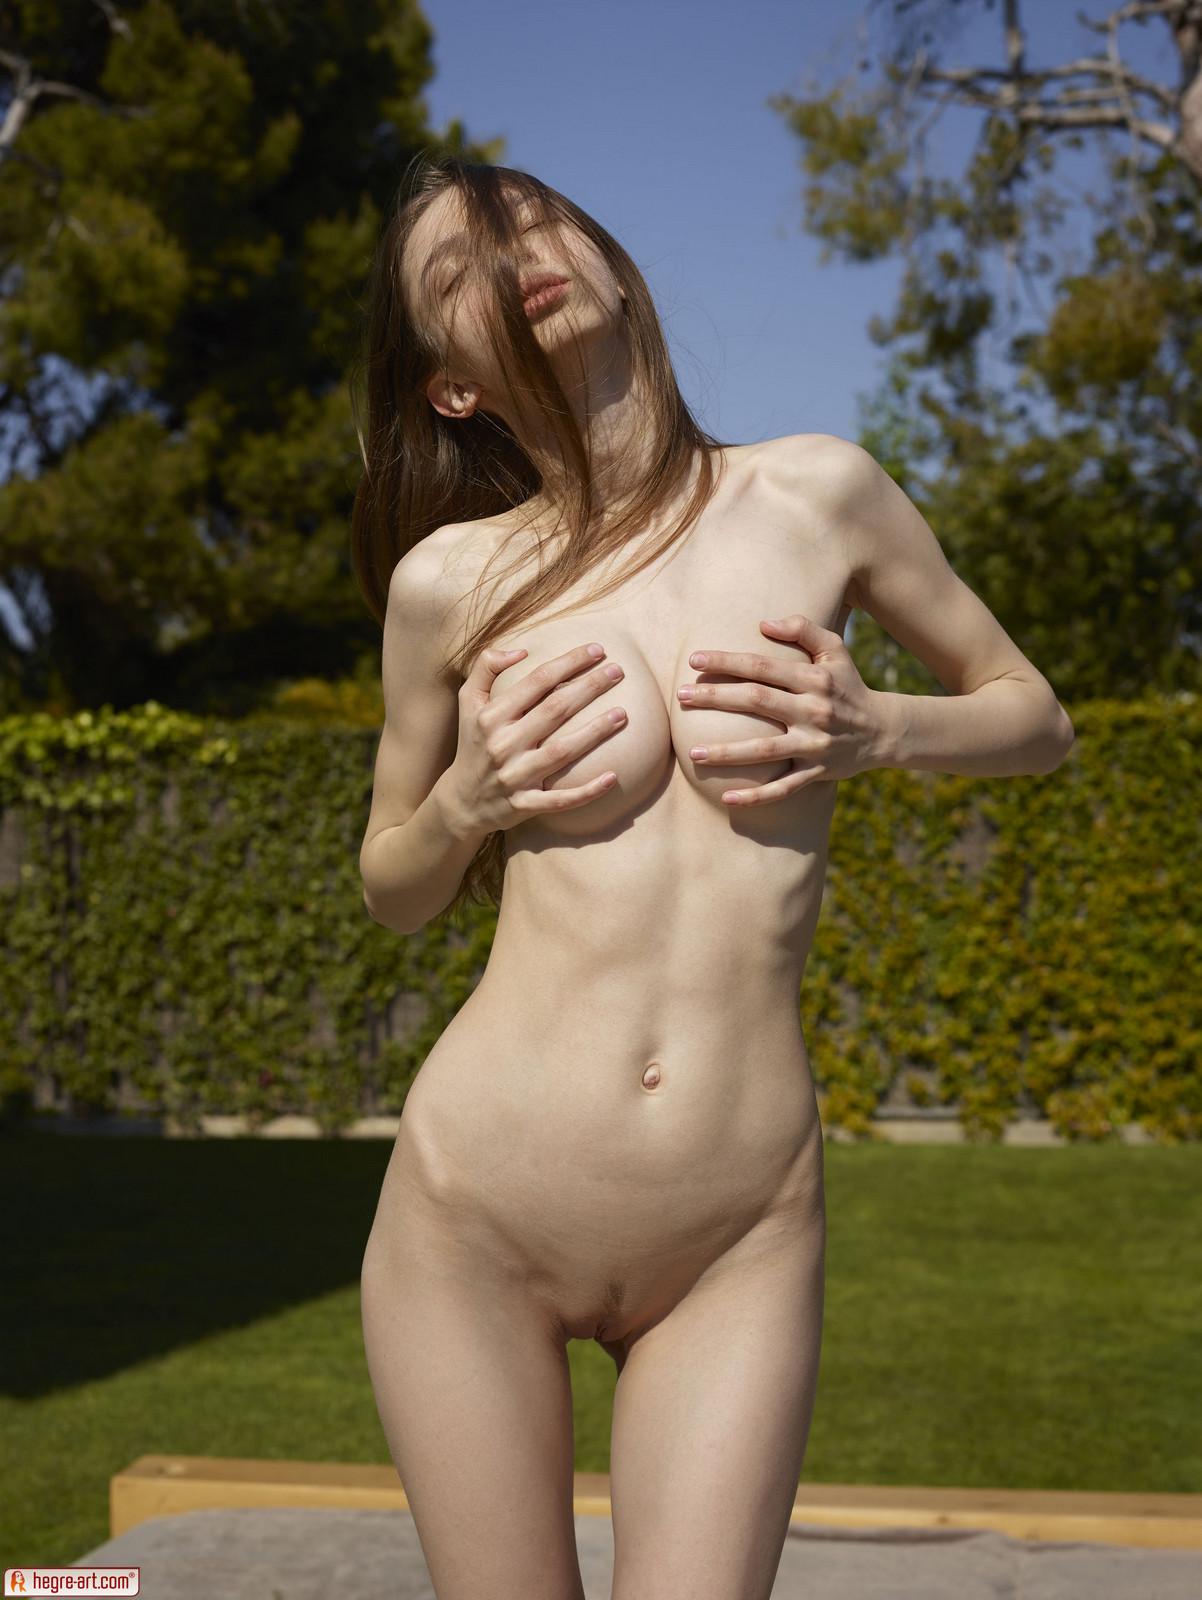 Zdjęcie porno - 139 - Pieszczenie piersi